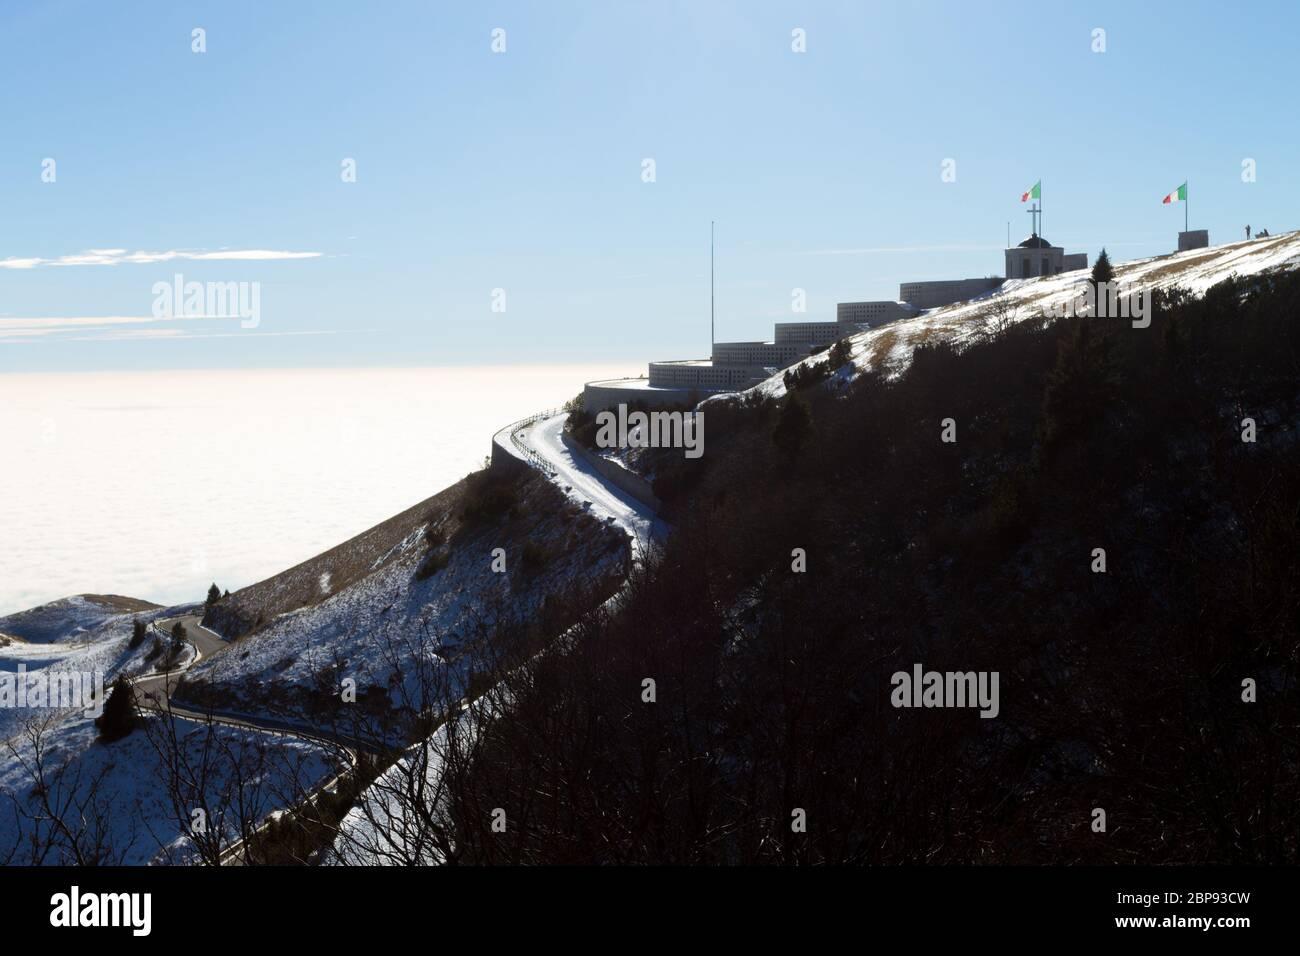 Monte Grappa primera guerra mundial memorial vista invernal, Italia. Hito italiano Foto de stock